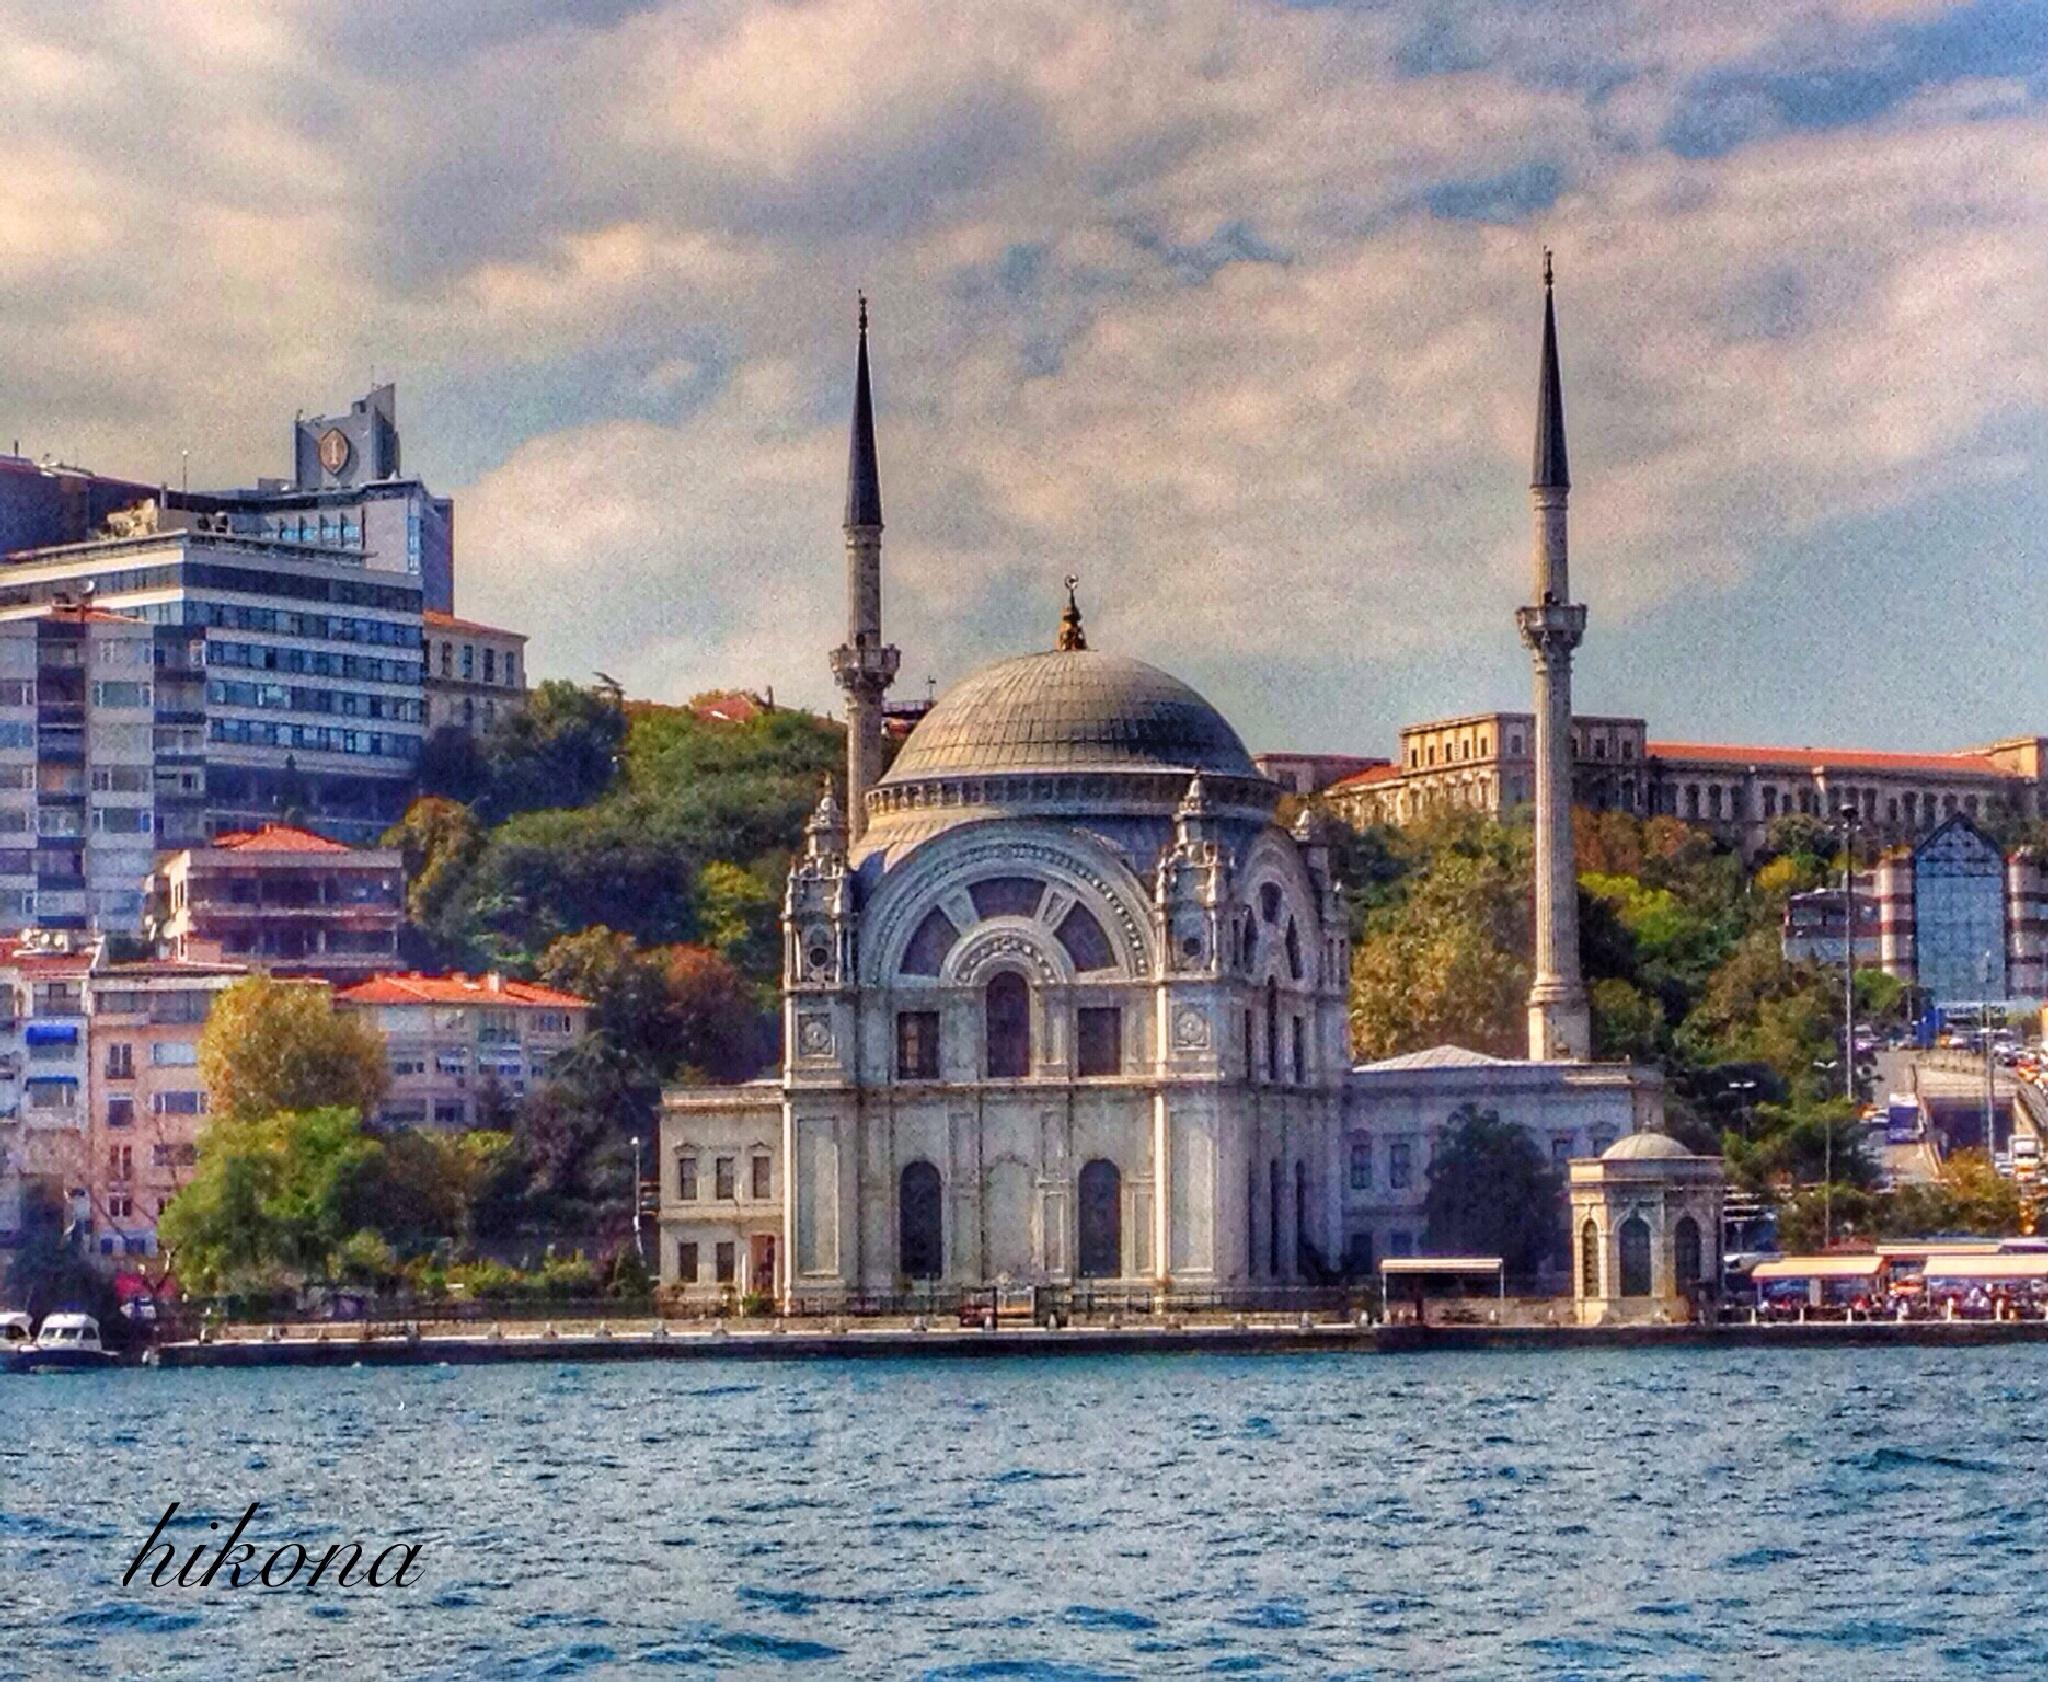 Istanbul by Hikona